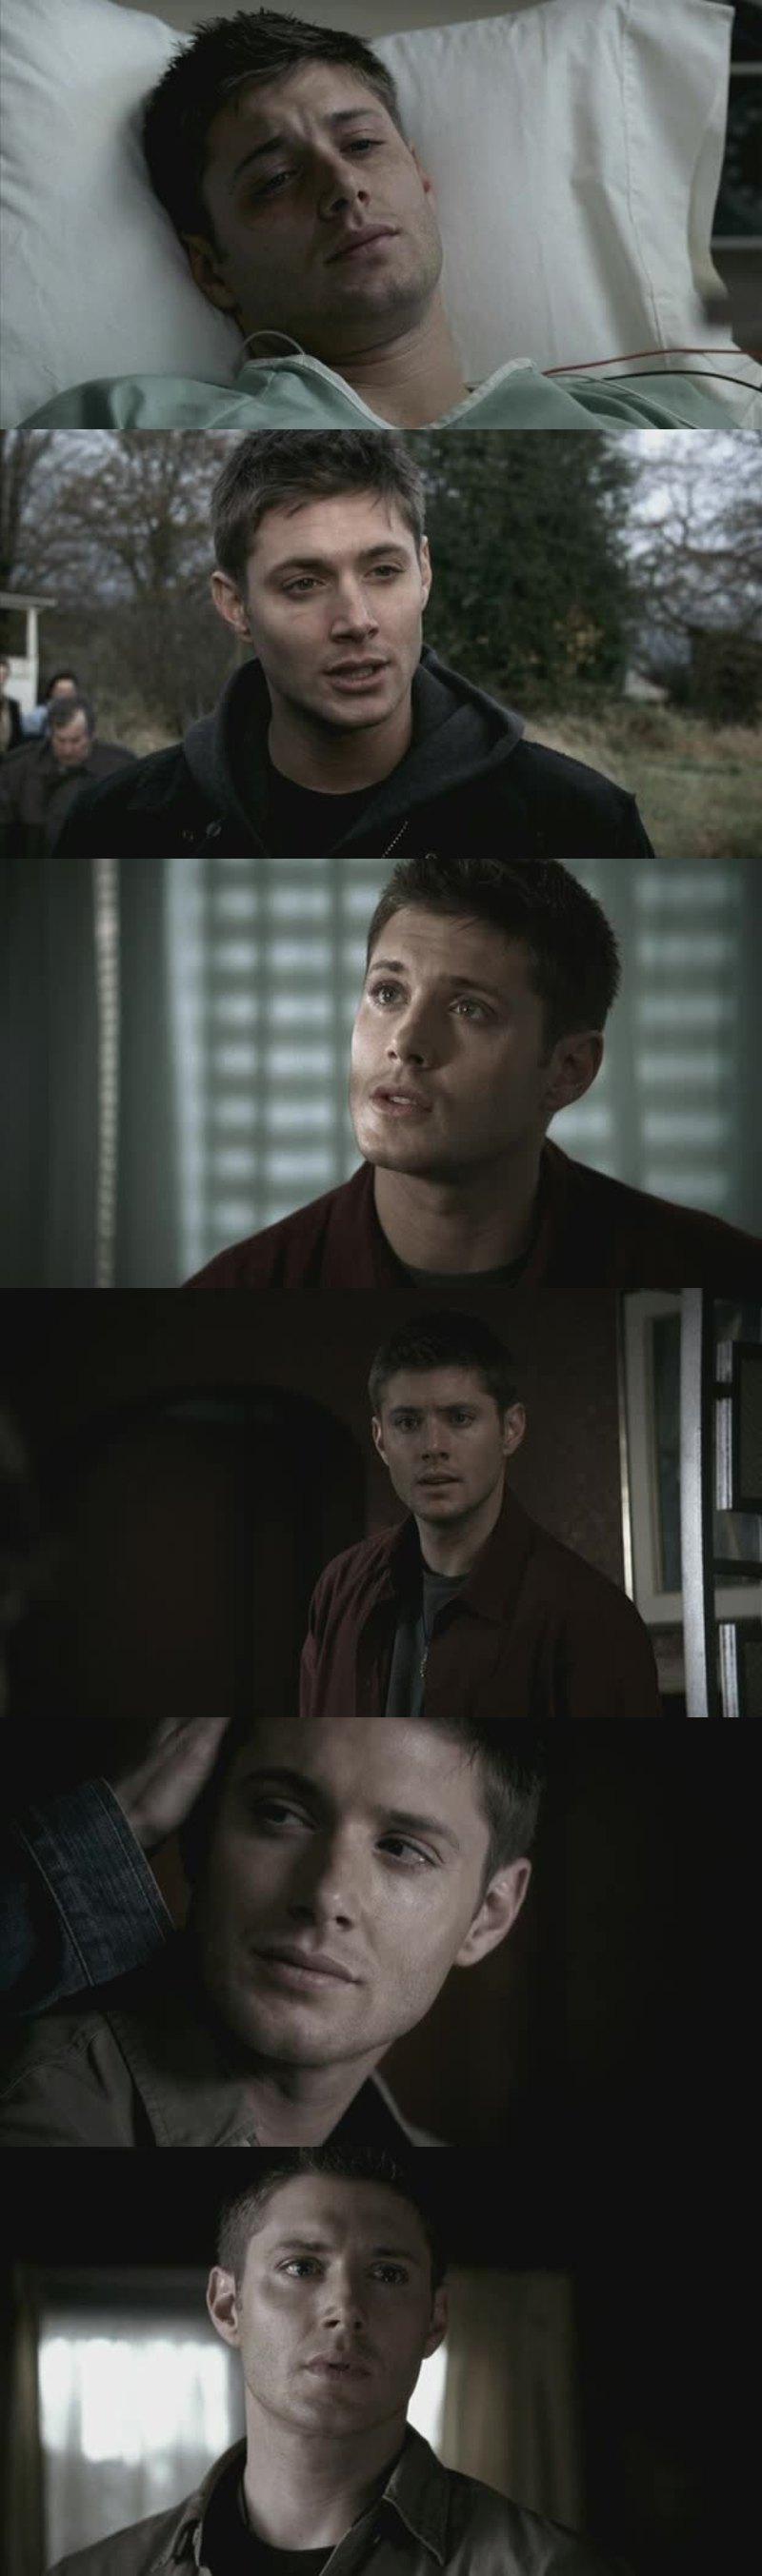 He's so precious ❤️